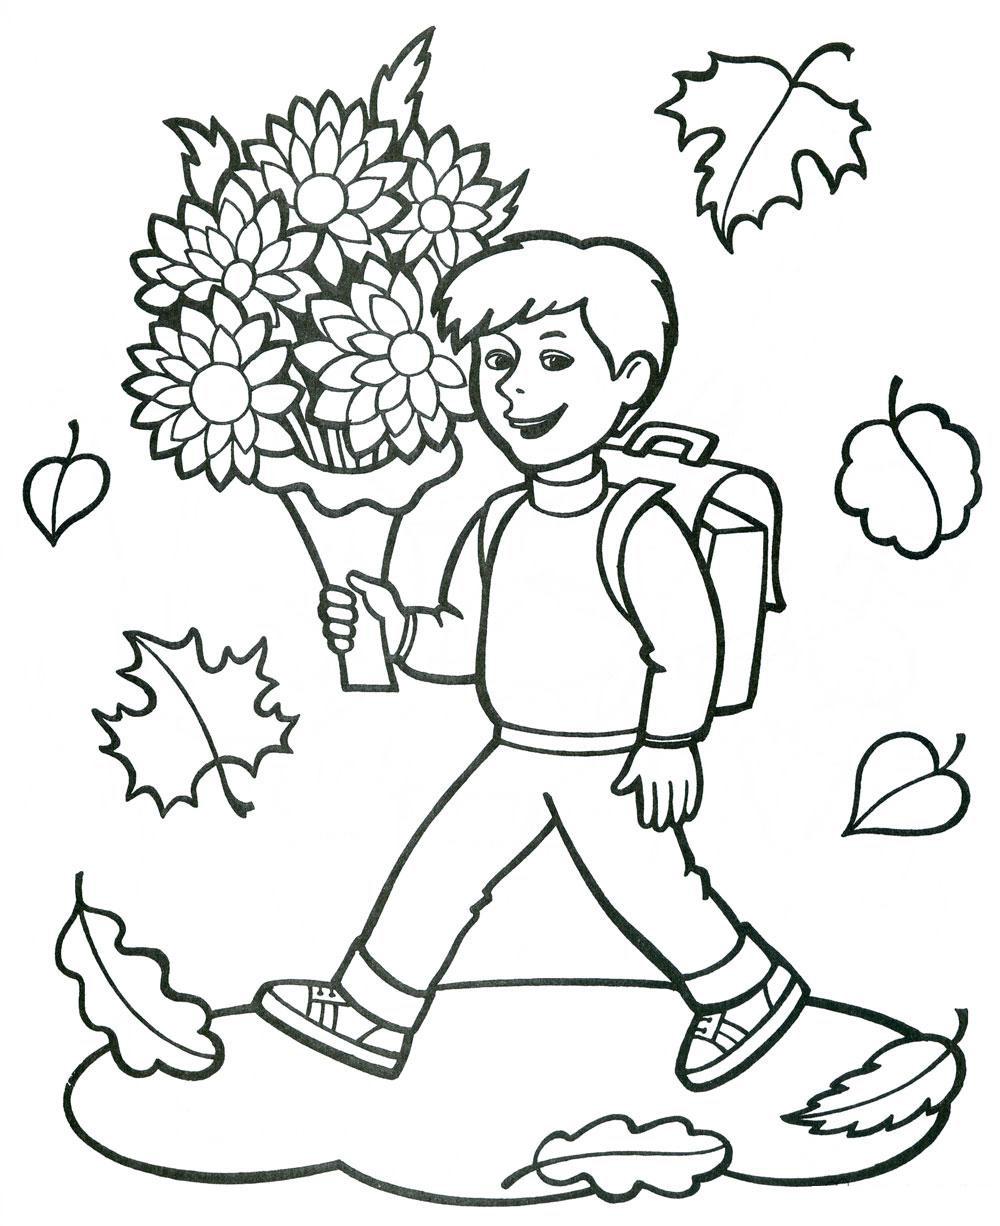 Раскраска Осень - детские раскраски распечатать бесплатно